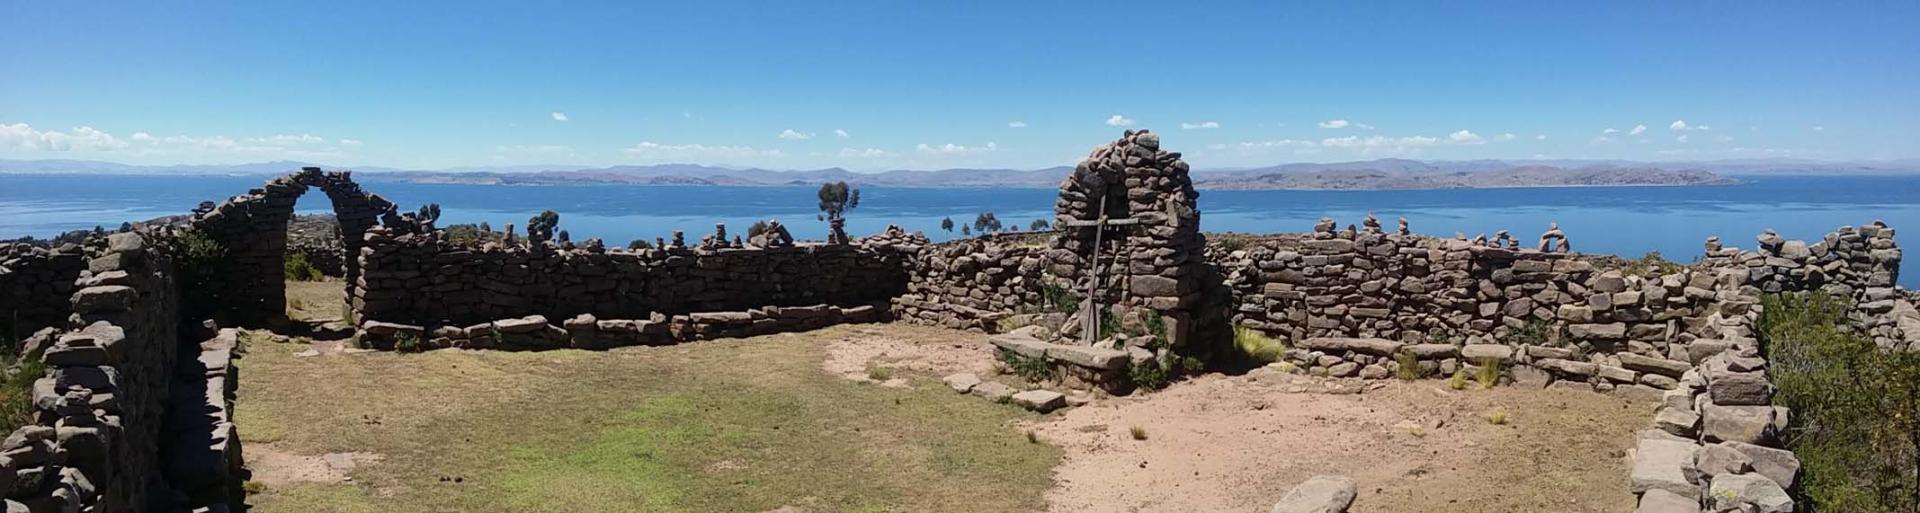 Titicaca. Au sommet de Taquile